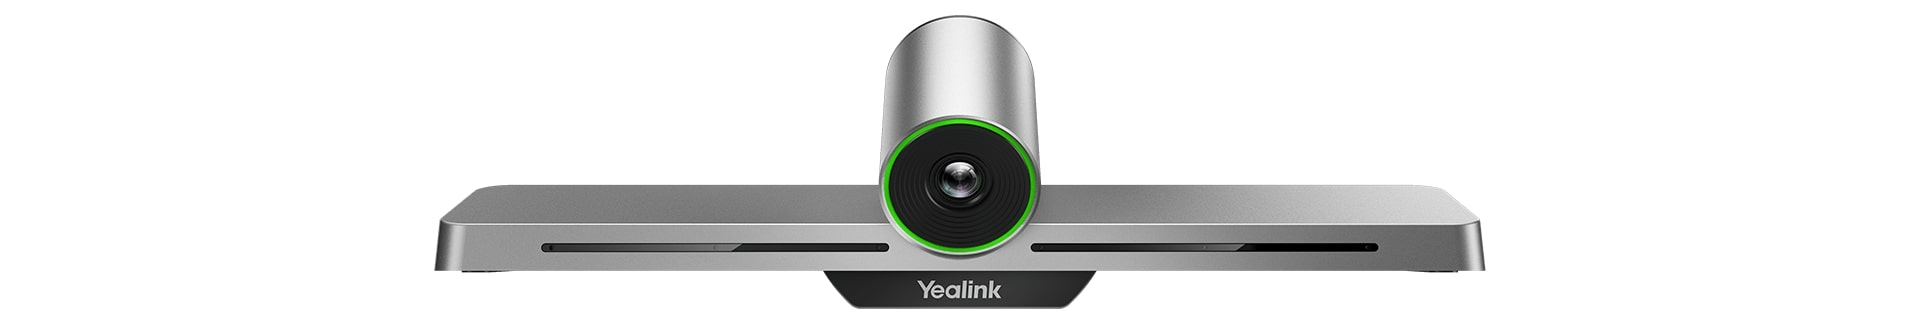 Yealink VC200 терминал видеоконференцсвязи для небольших переговорных комнат